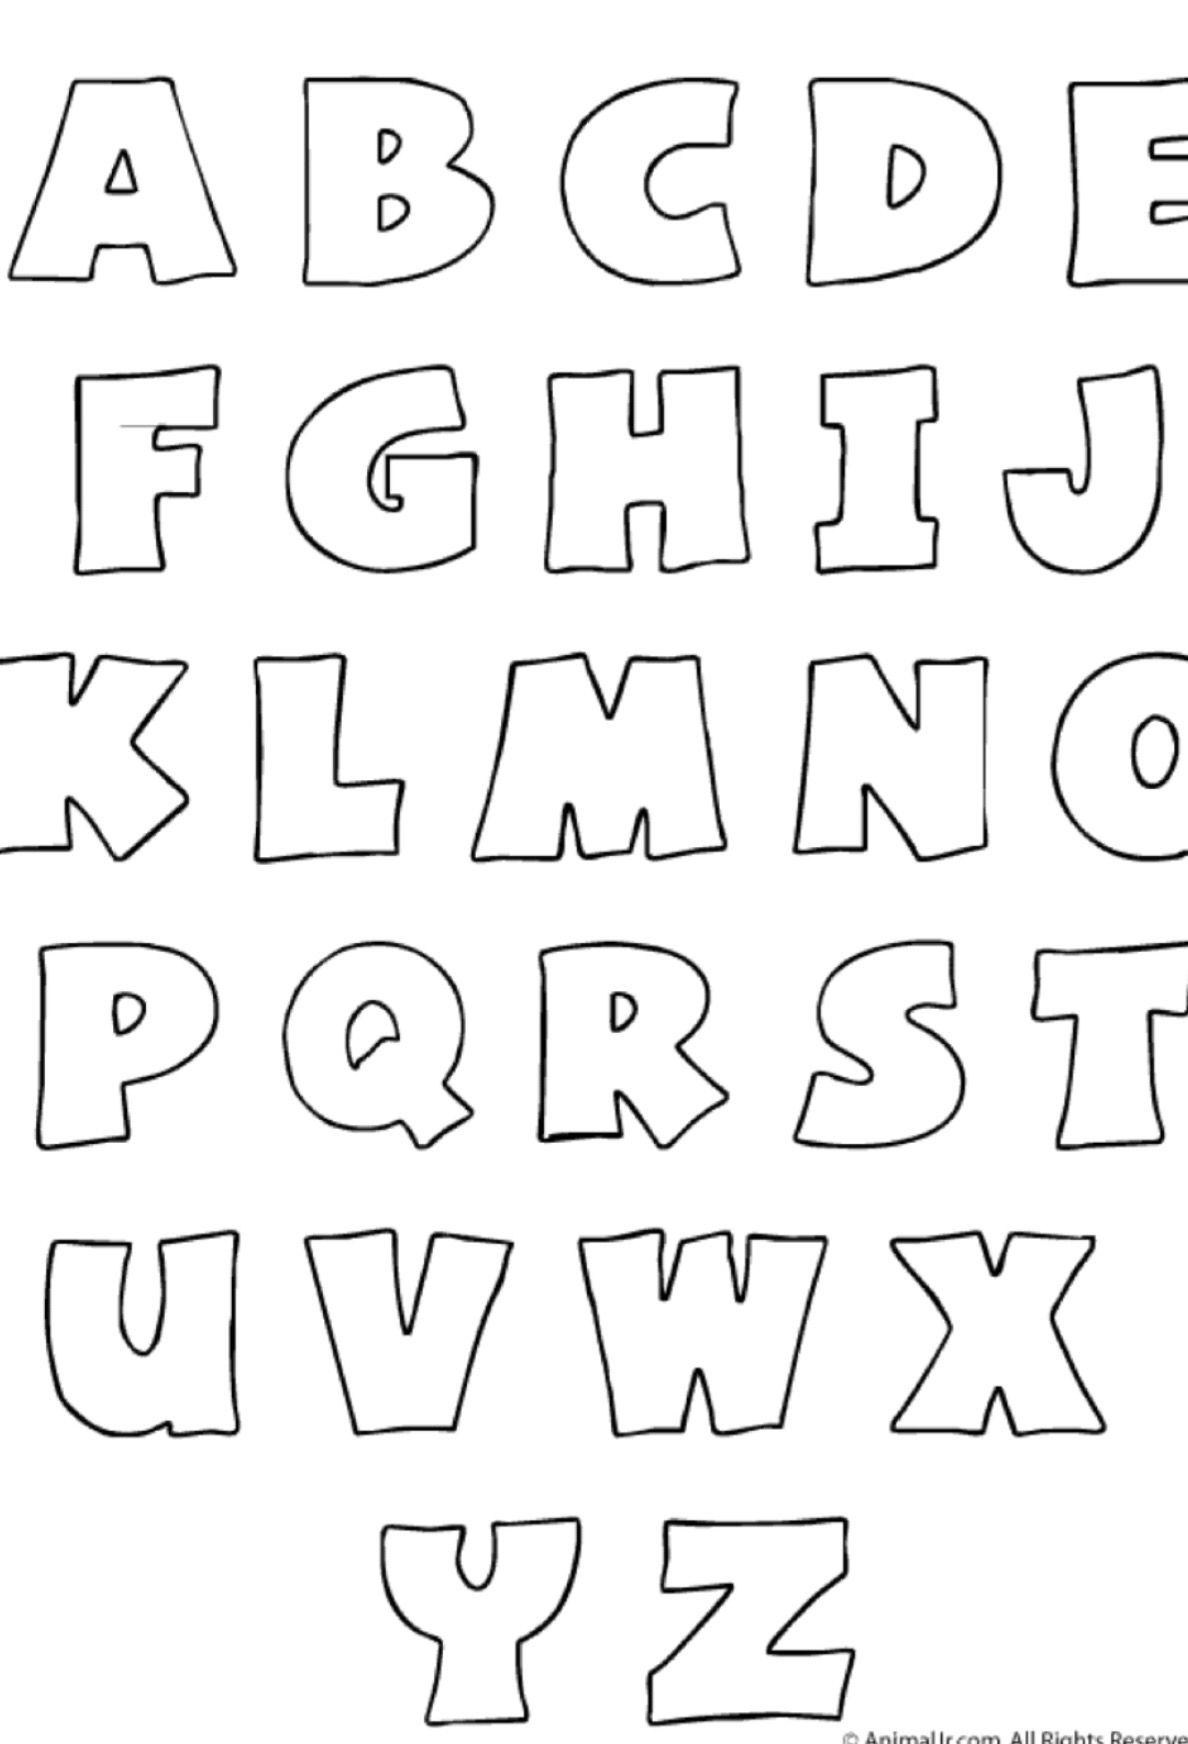 Plantilla Para Imprimir El Abecedario Plantillas De Letras Letras Abecedario Para Imprimir Moldes De Letras Bonitas